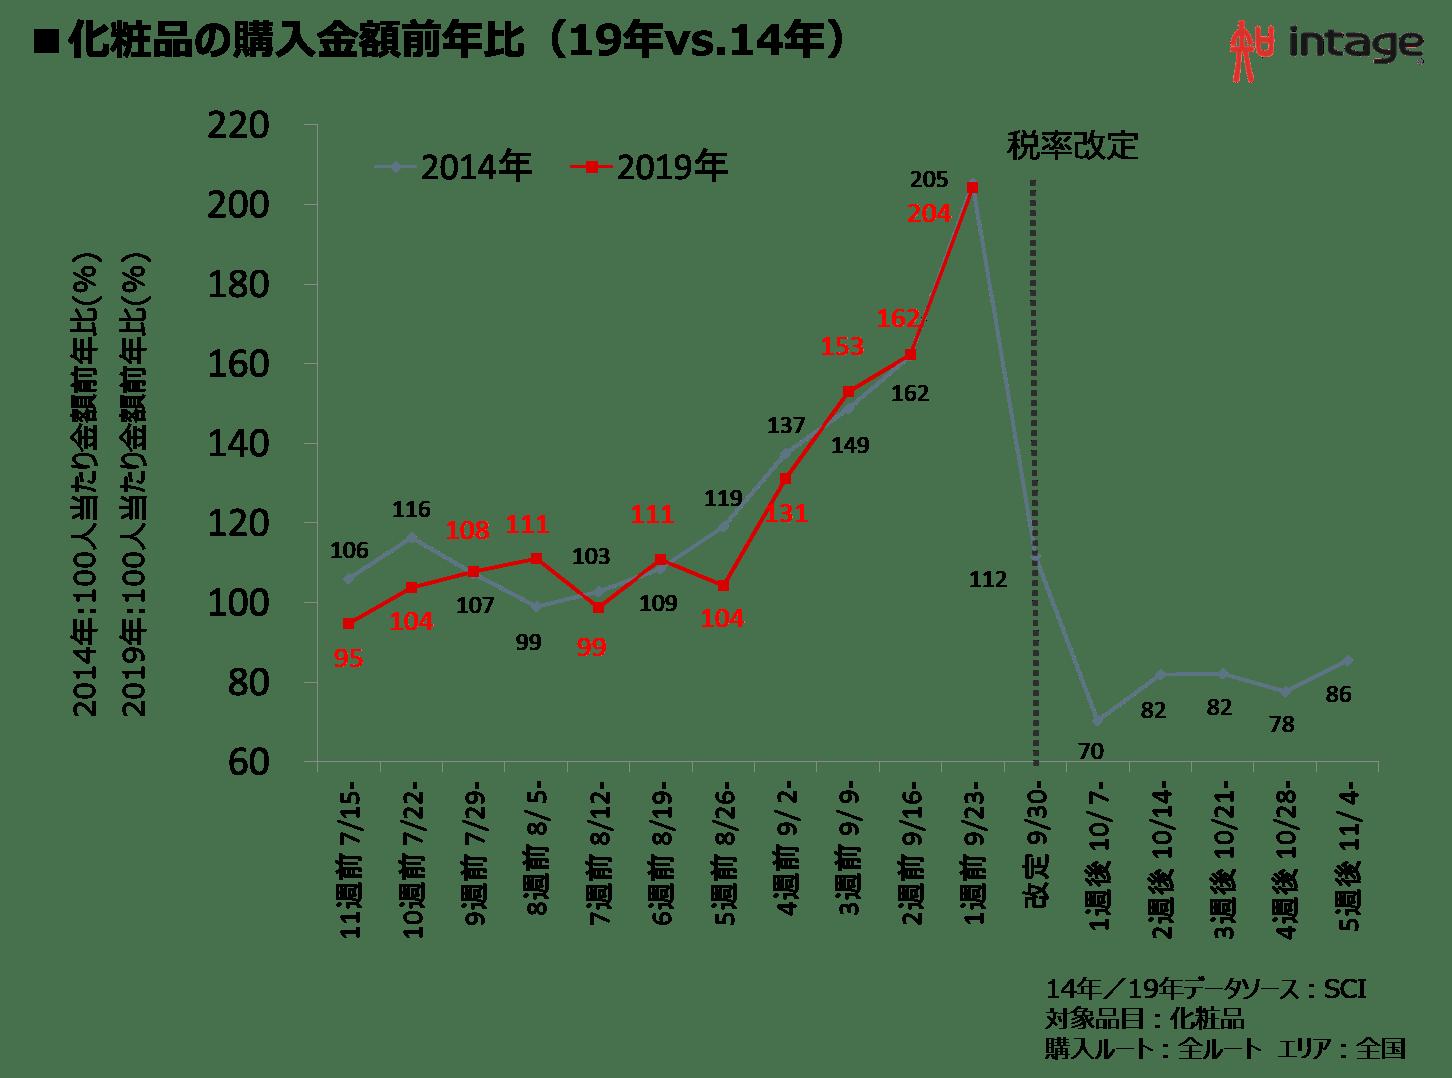 化粧品の購入金額前年比(19年vs.14年)